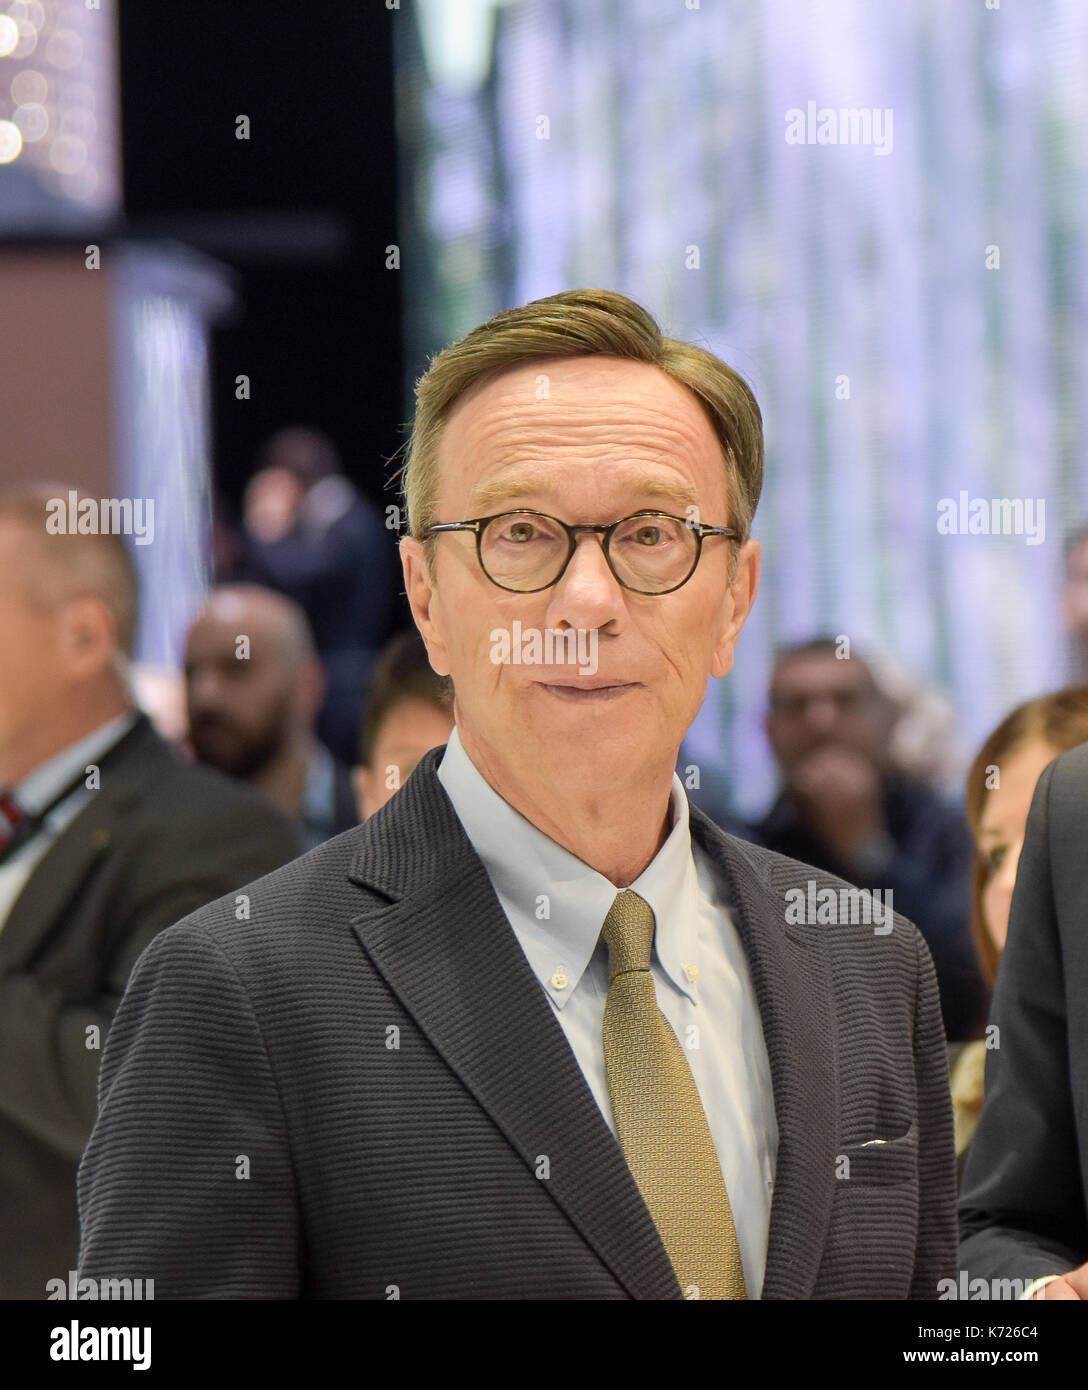 Frankfurt, Germany. 14th Sep, 2017. Matthias Wissmann at the 67th IAA International Motor Show in Frankfurt/Main Stock Photo